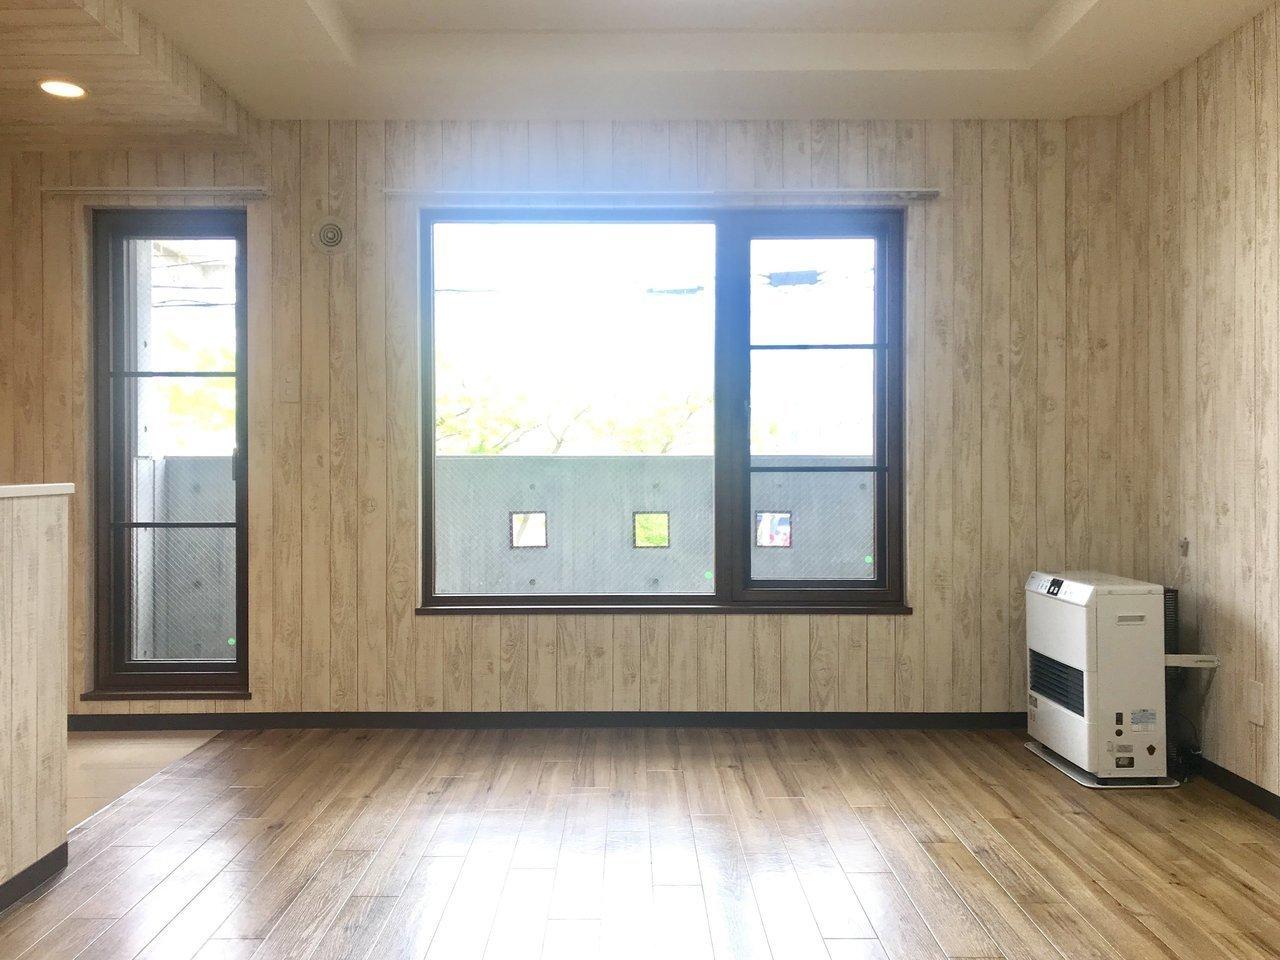 玄関から入ってまずこの景色が見えます。大きなバルコニーに面した窓からは、光がたくさん差し込みますよ。山の中のコテージにやってきた気分です。インテリアもナチュラルなもので統一してもいいかも。